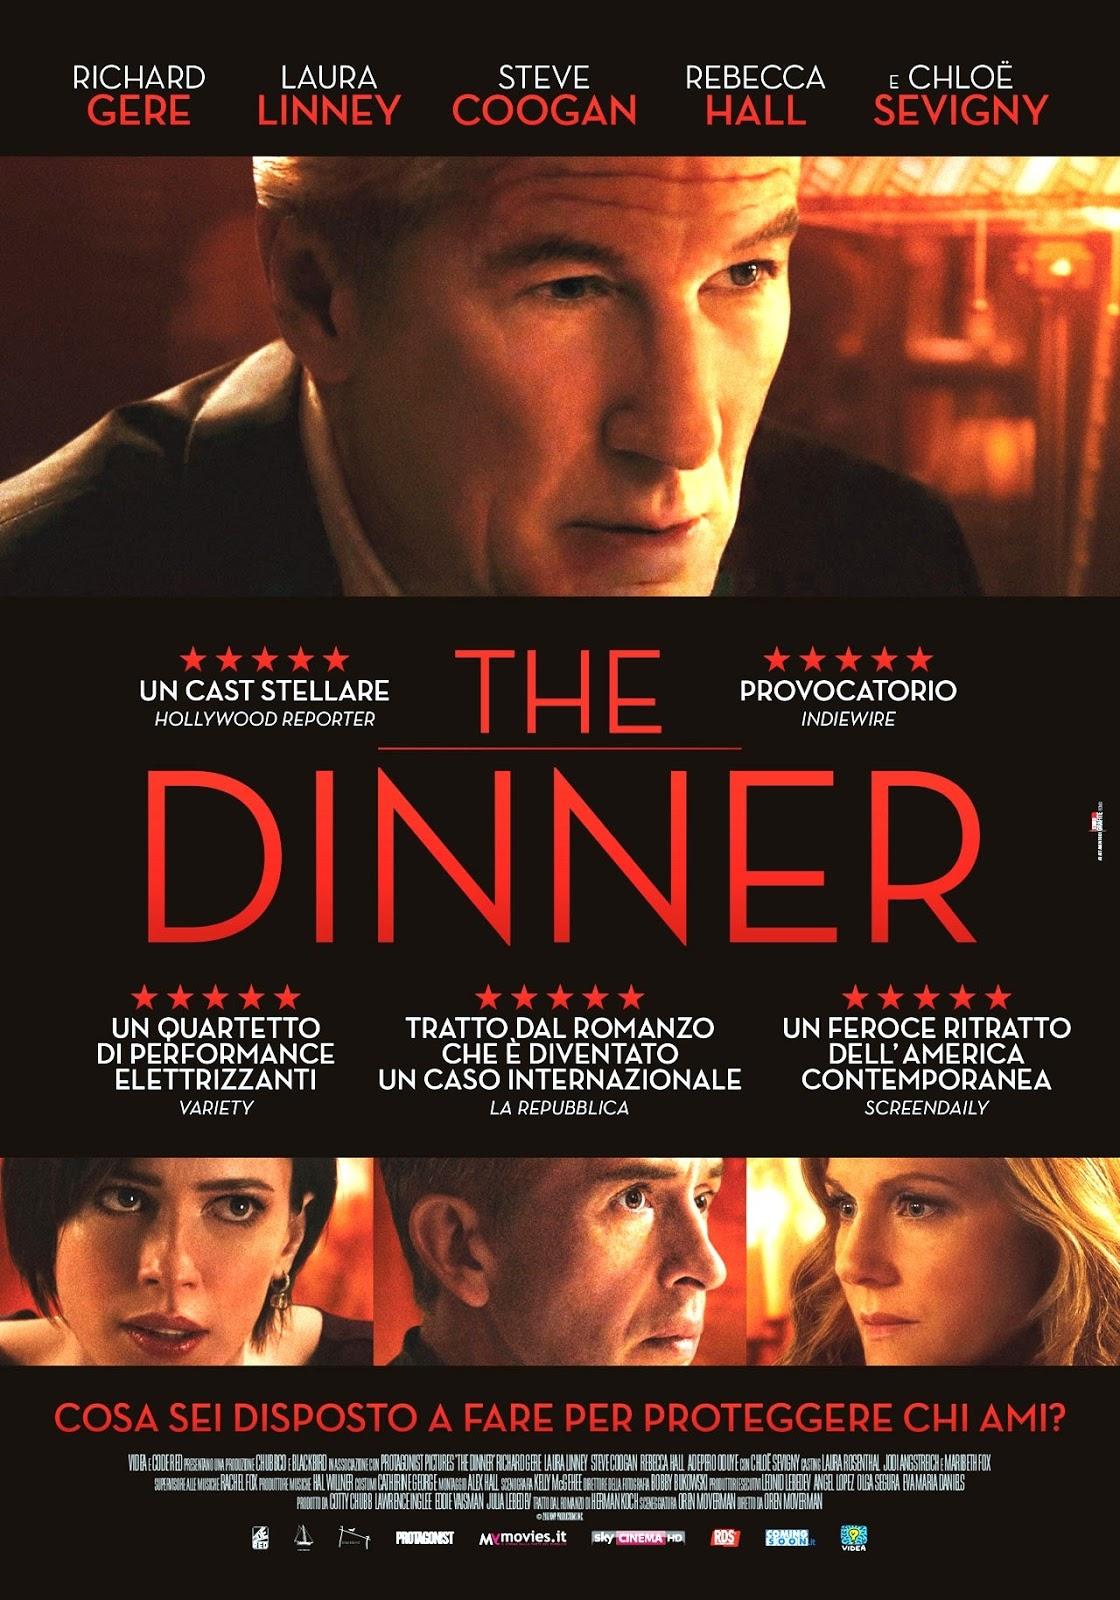 The Dinner Film